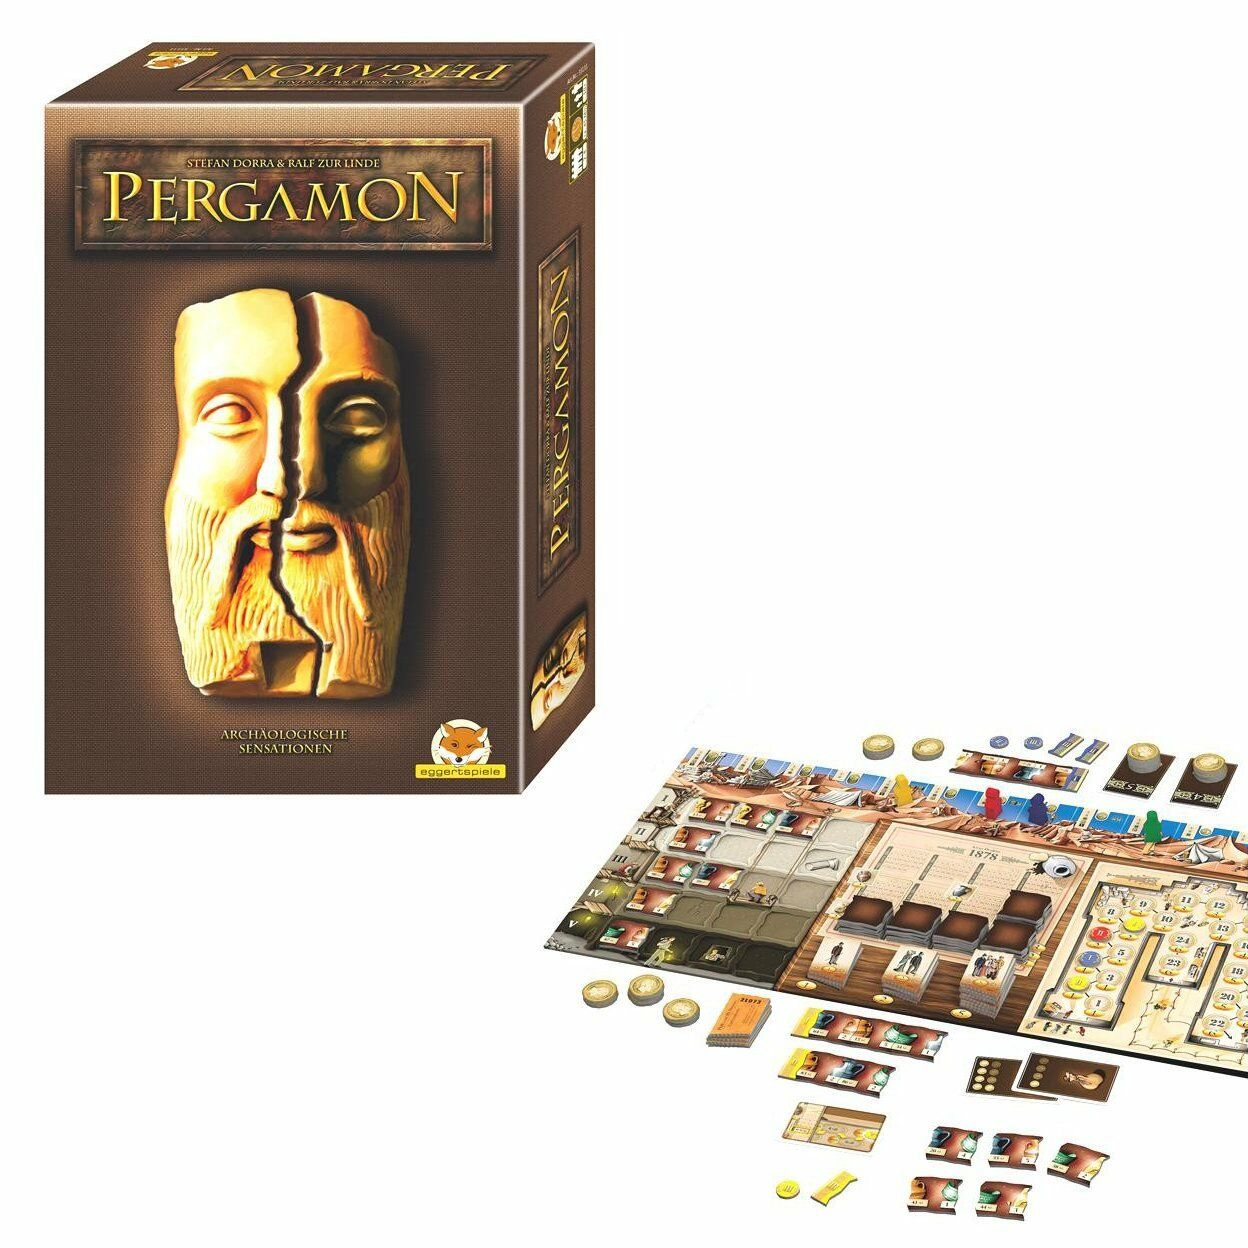 Pergamon Pergamon Pergamon juego eggertspiele 43111 nuevo & OVP  ordenar ahora